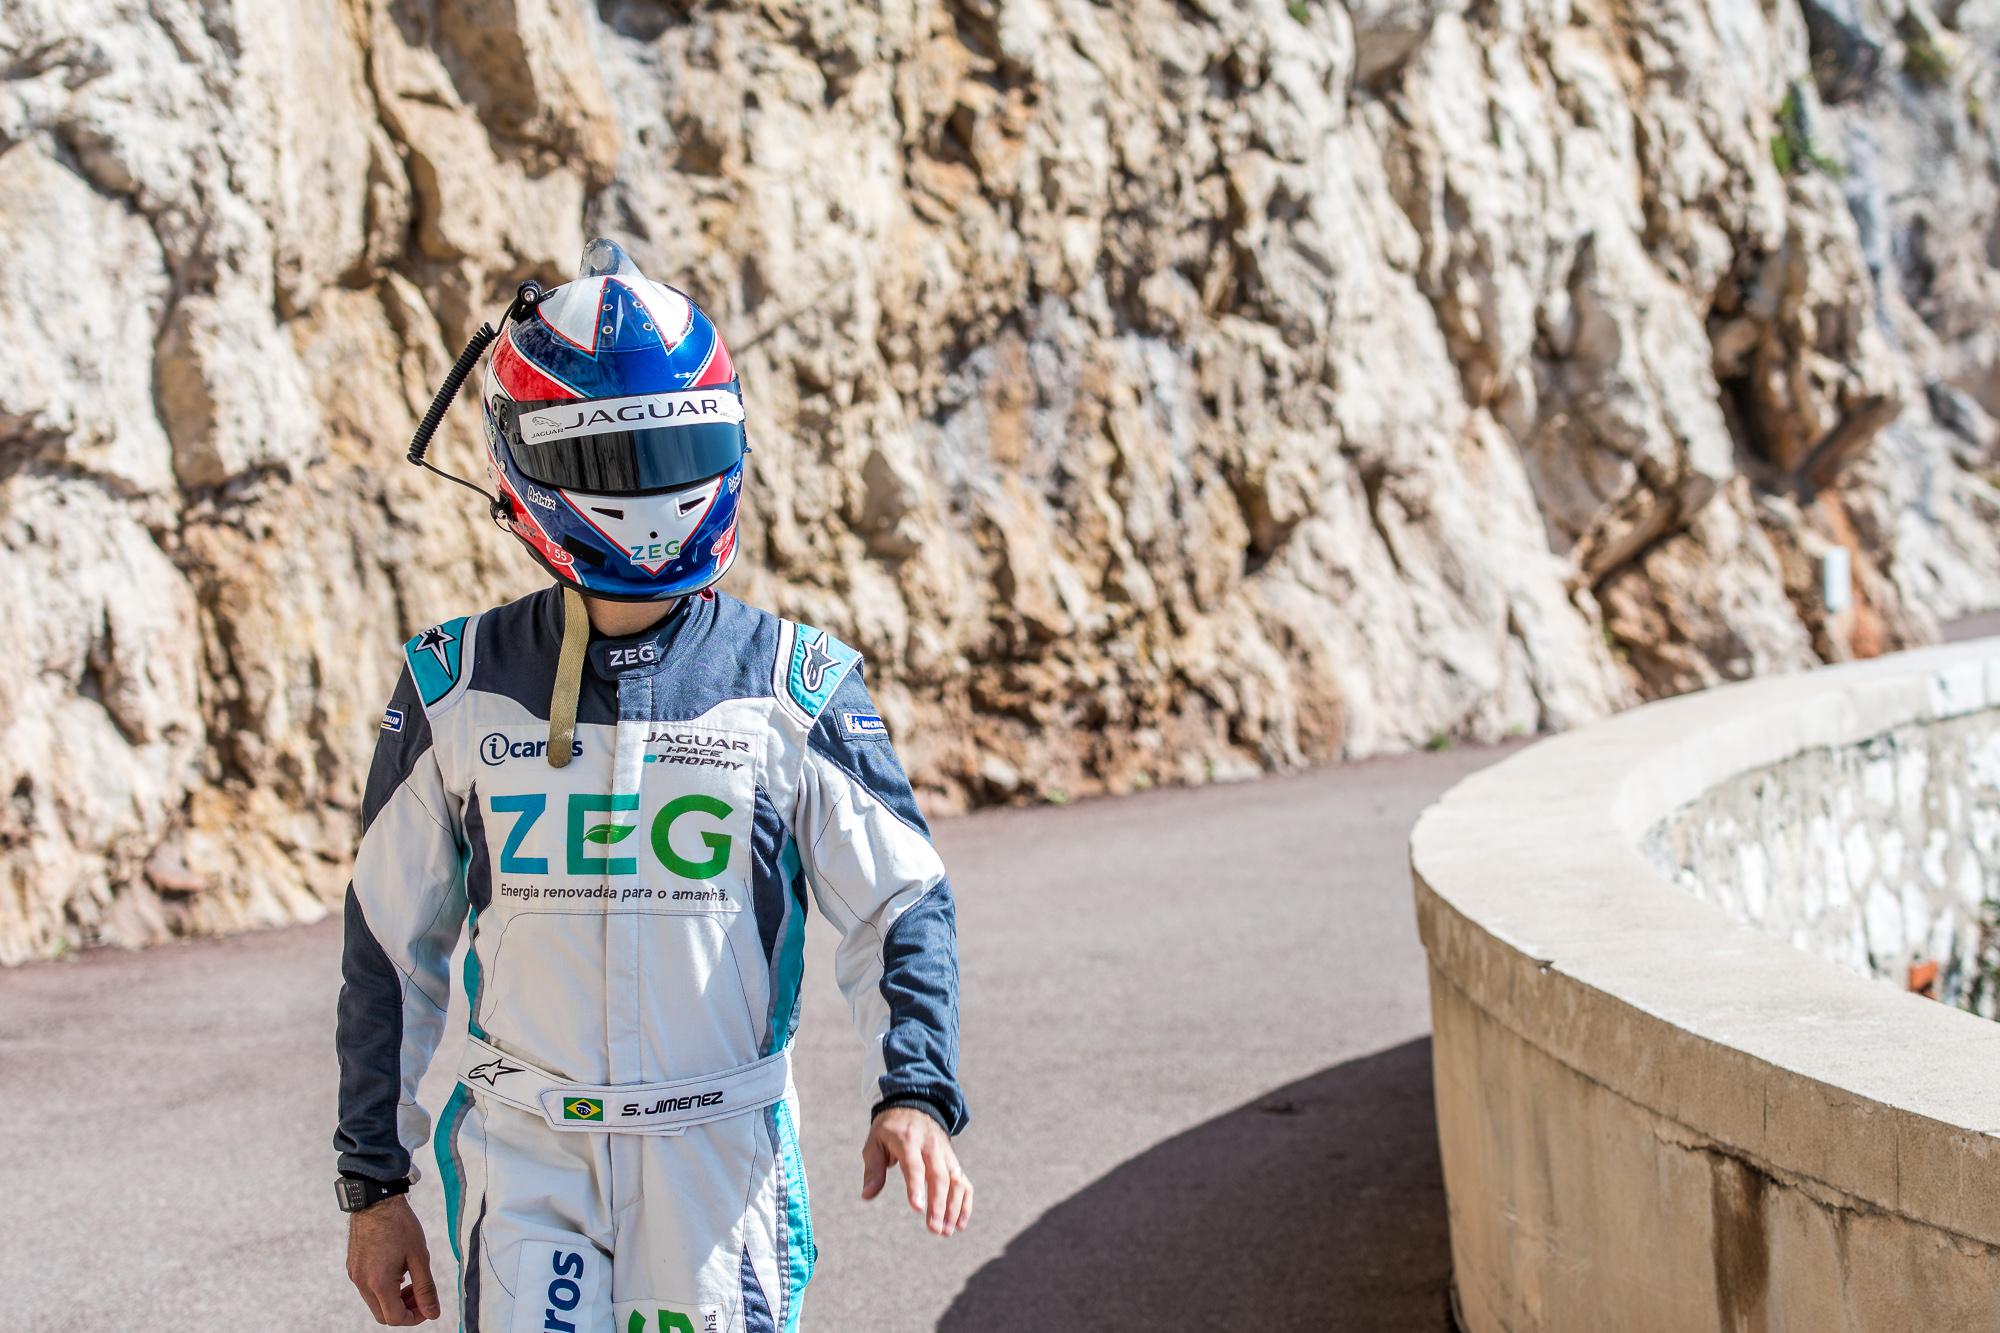 Jaguar_7.Monaco_josemariodias_01035